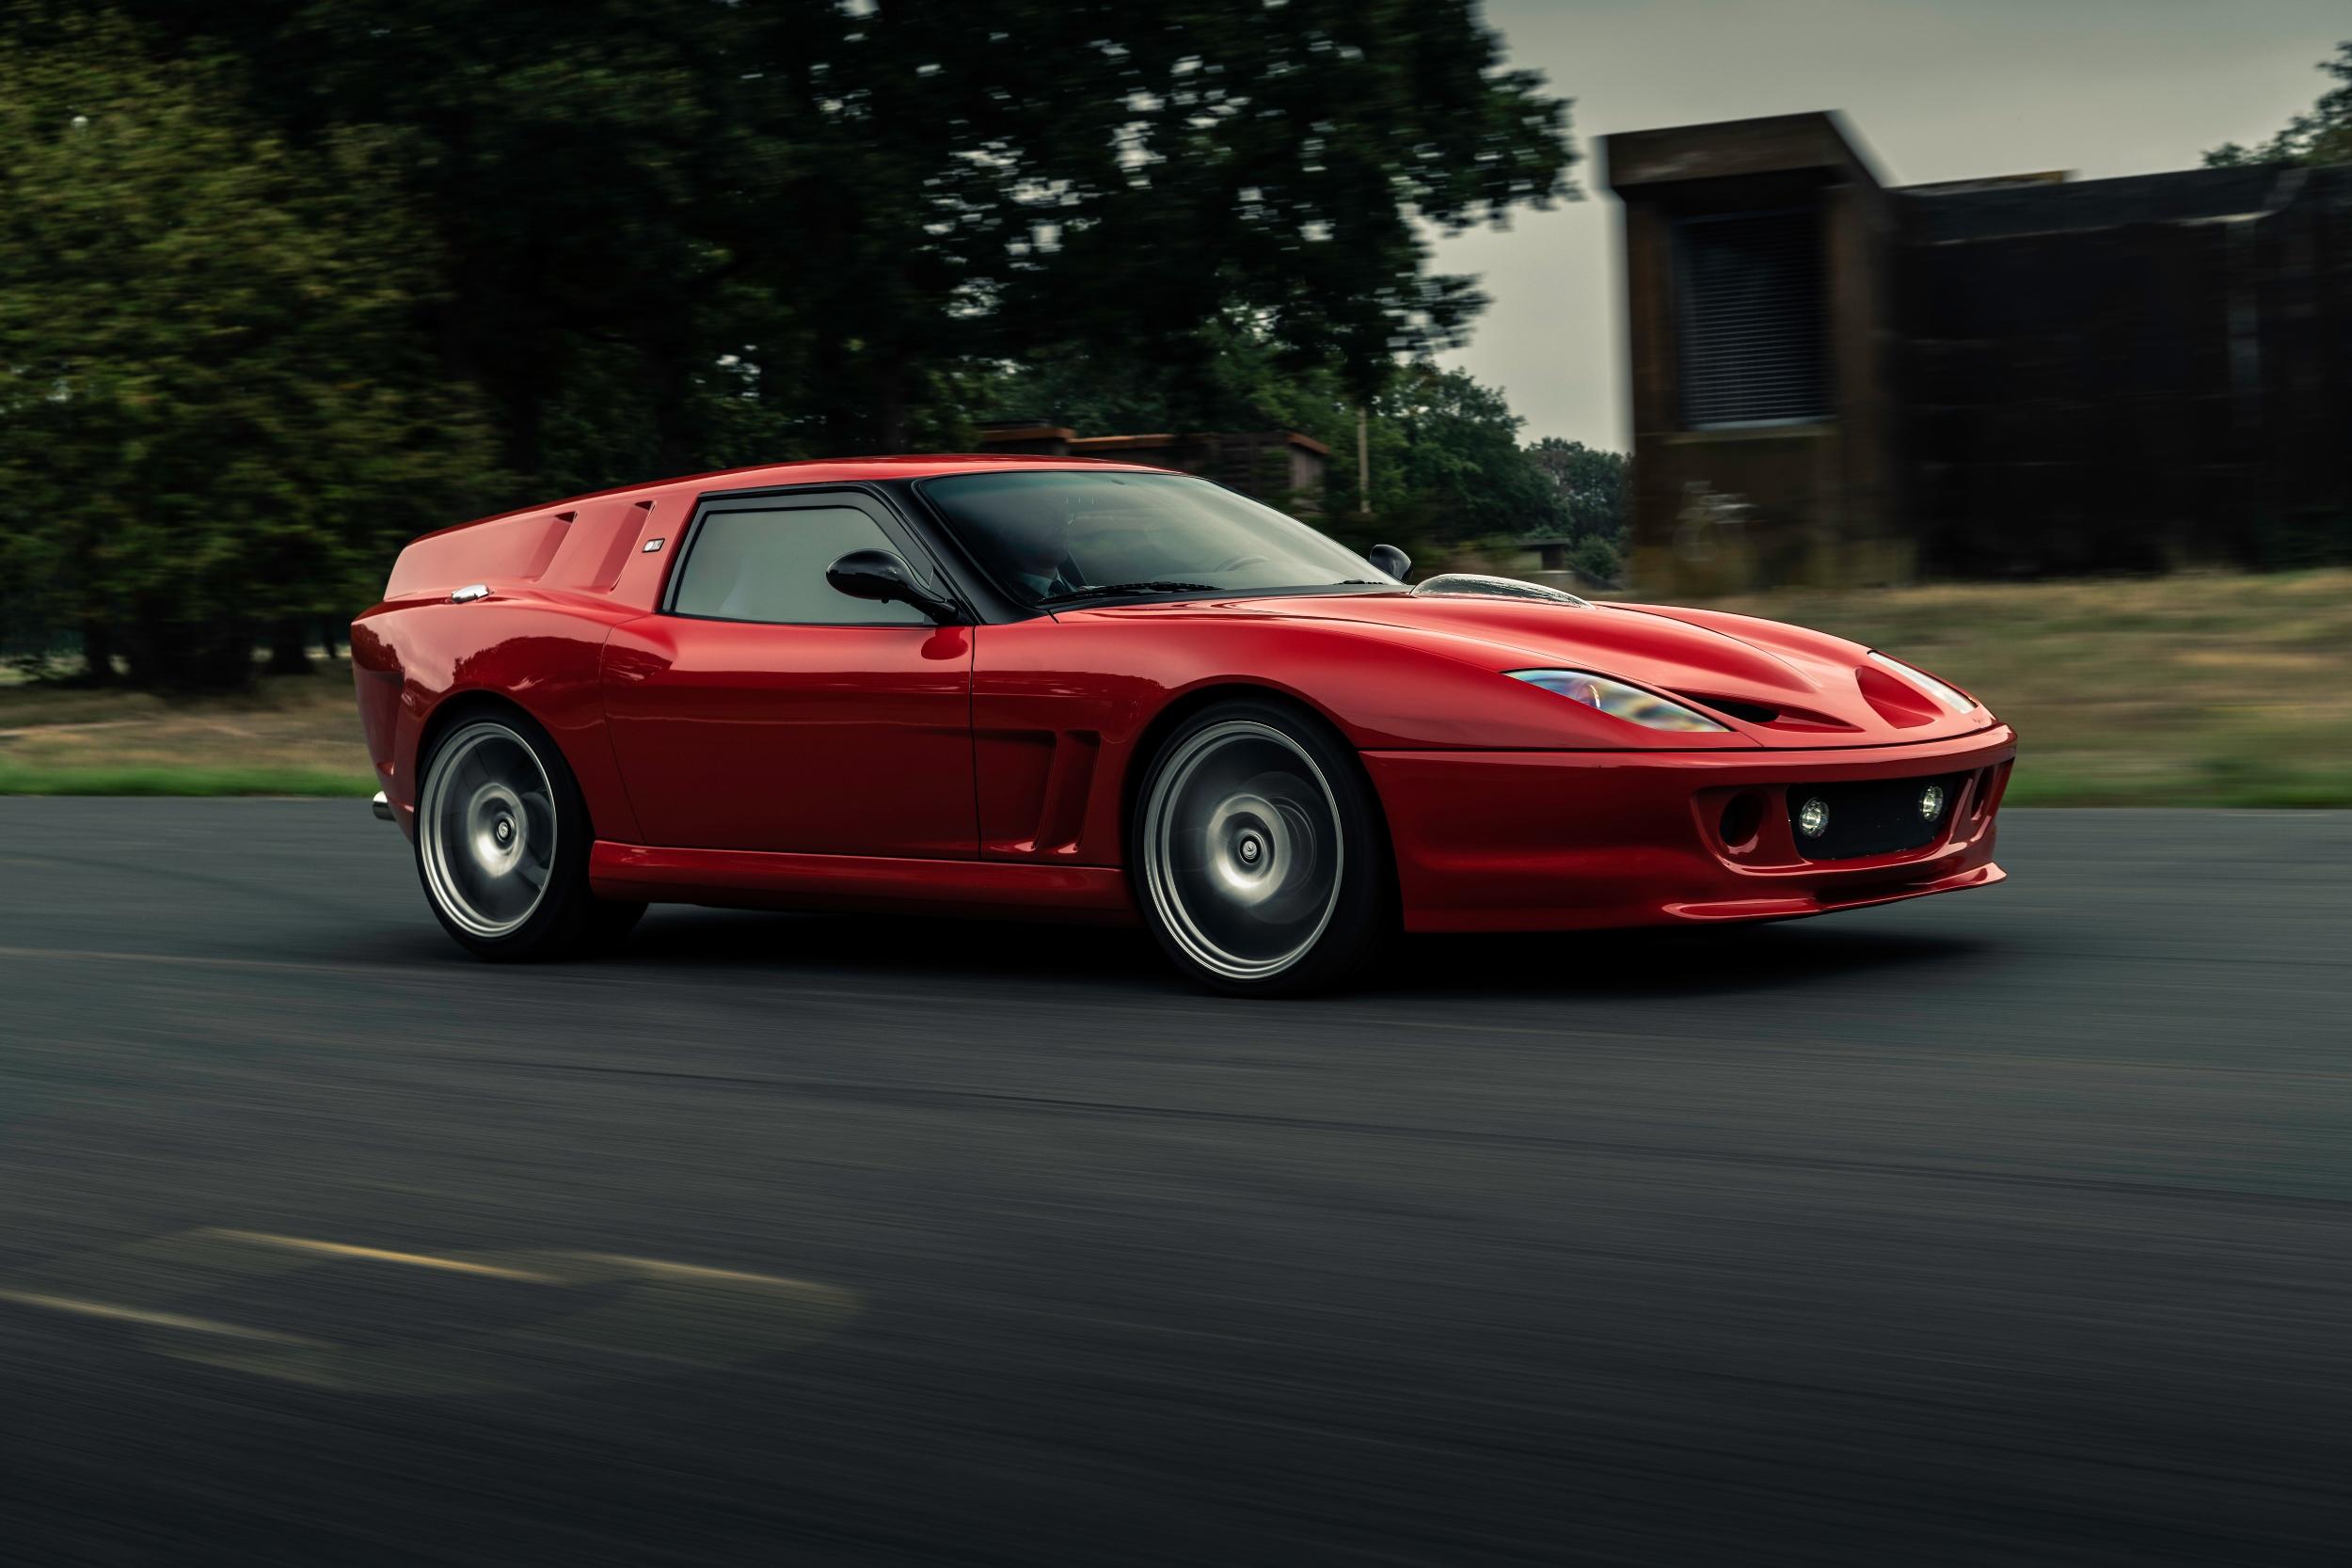 Tarihin tozlu sayfalarındaki Ferrari yeniden hayat buldu